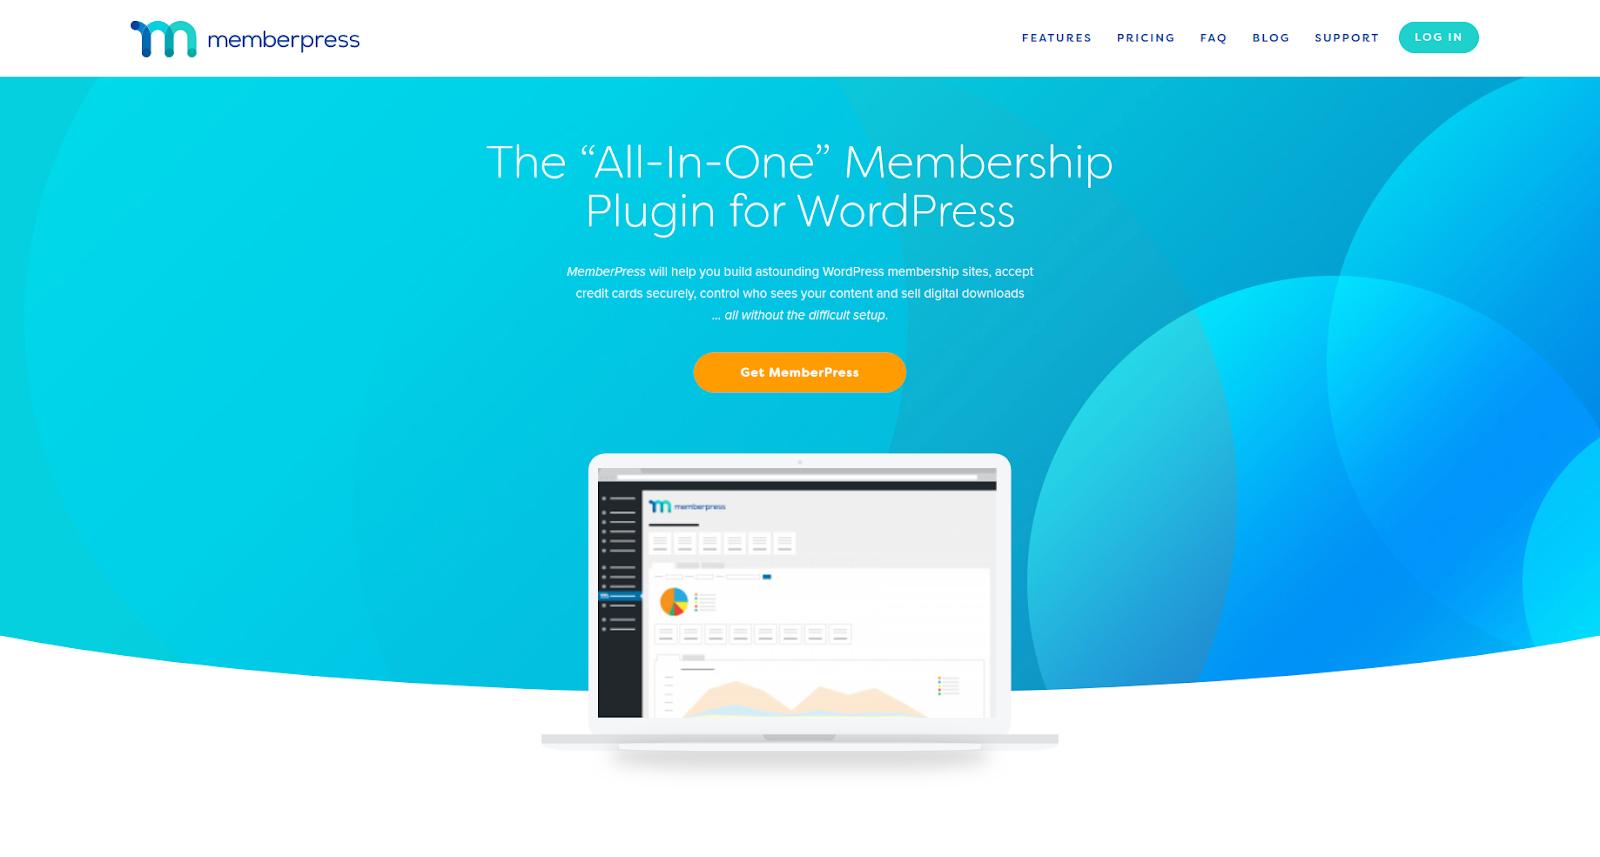 memberpress wordpress membership plugin homepage